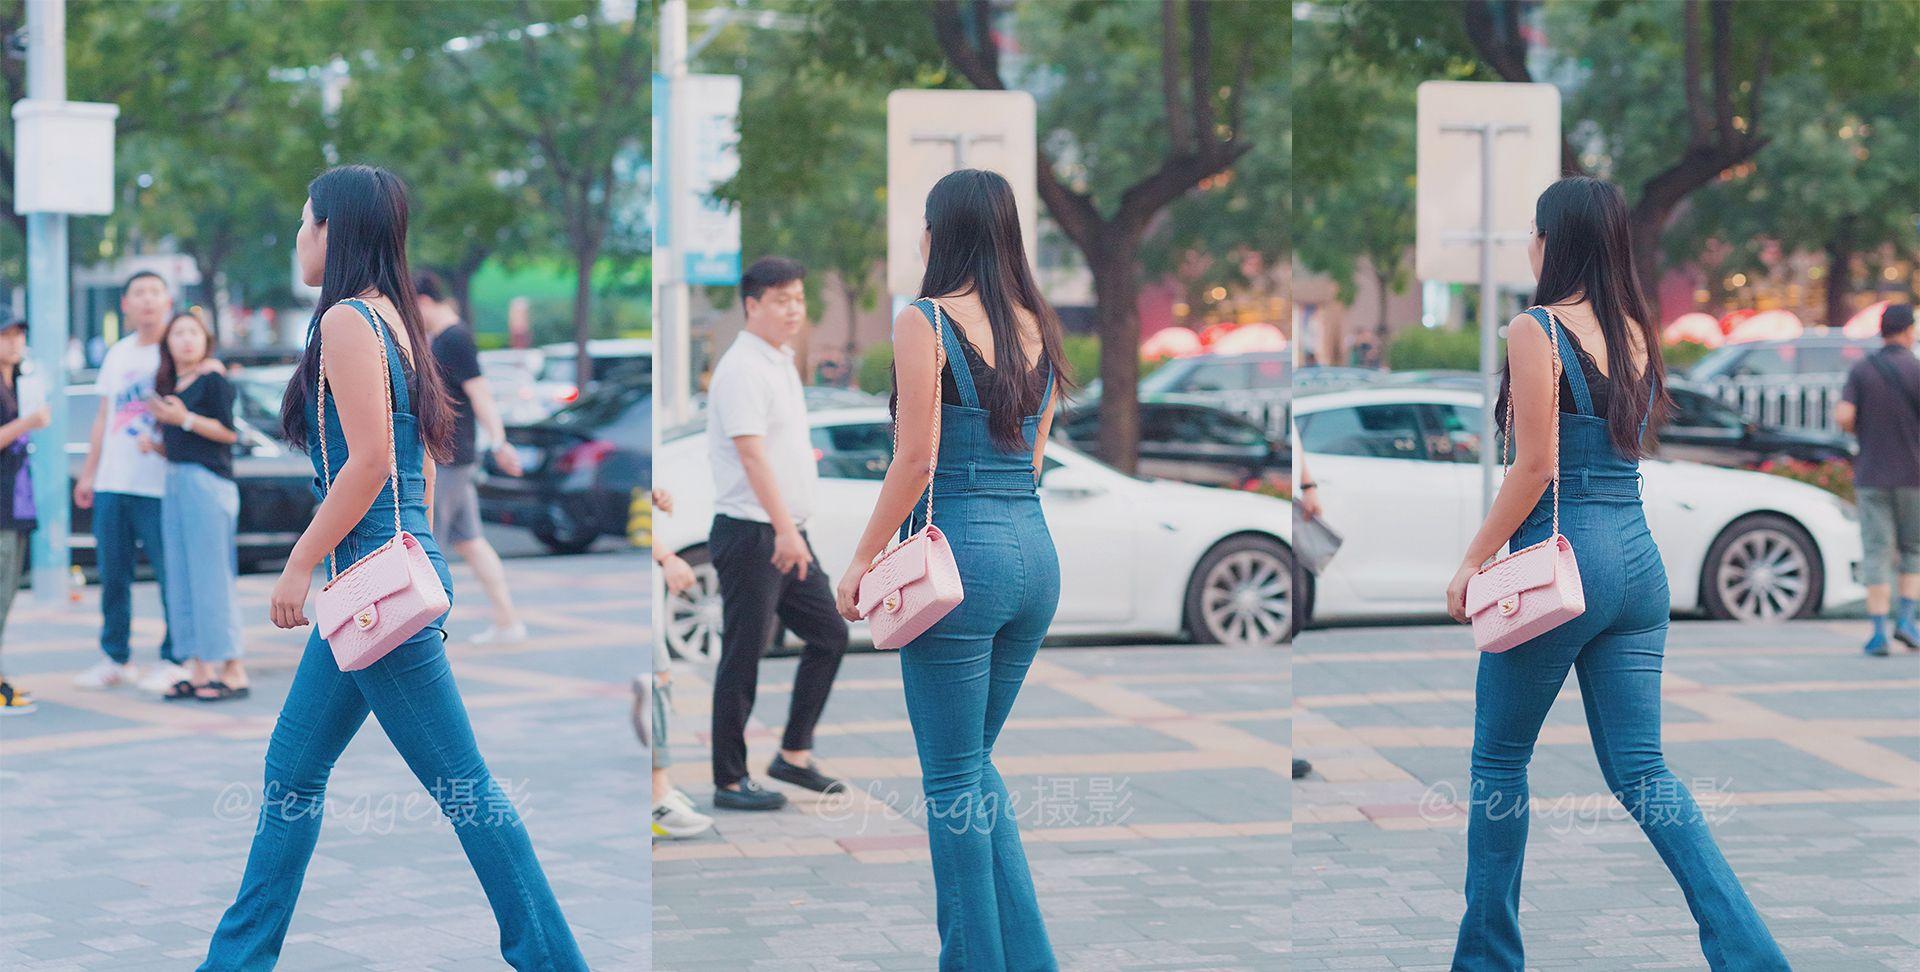 王思聪够有钱吧,豪车都没她多,唯一让人羡慕的规矩却成了烦恼